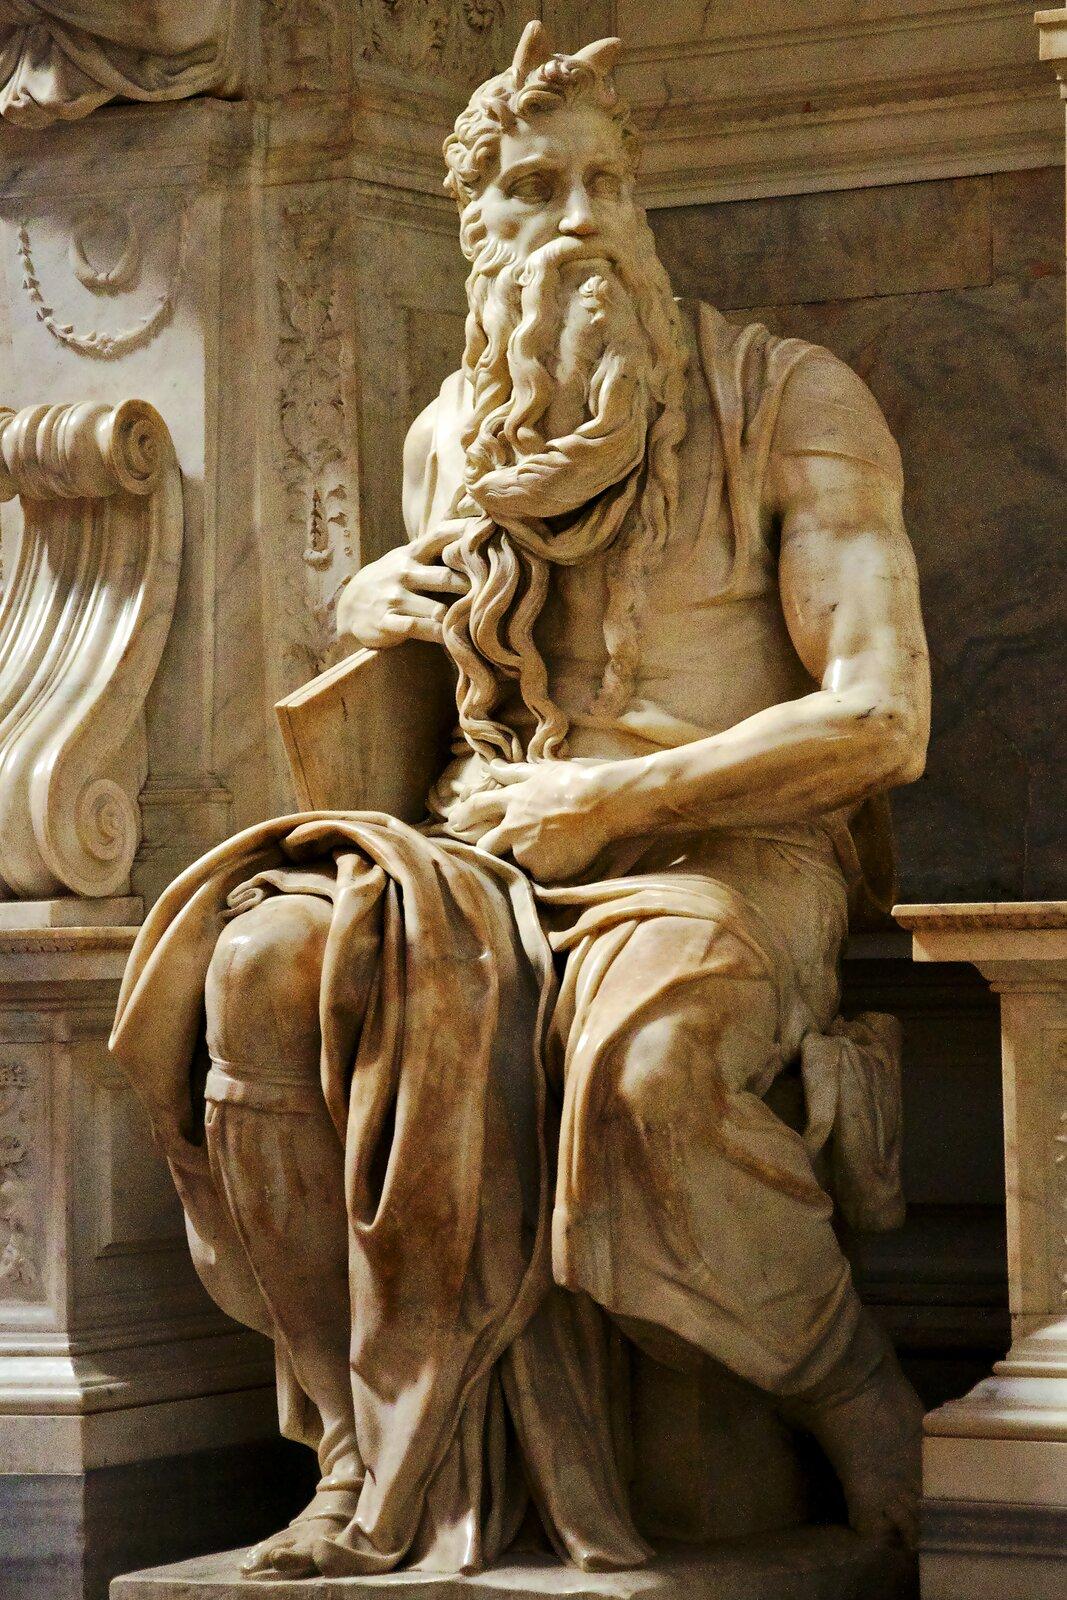 Michał Anioł – rzeźba Mojżesza (1513-1516) Rzeźbana nagrobku papieża Juliusza II wrzymskim kościele św. Piotra wOkowach (San Pietro in Vincoli). Źródło: Goldmund100, Michał Anioł – rzeźba Mojżesza (1513-1516), fotografia, licencja: CC BY-SA 3.0.